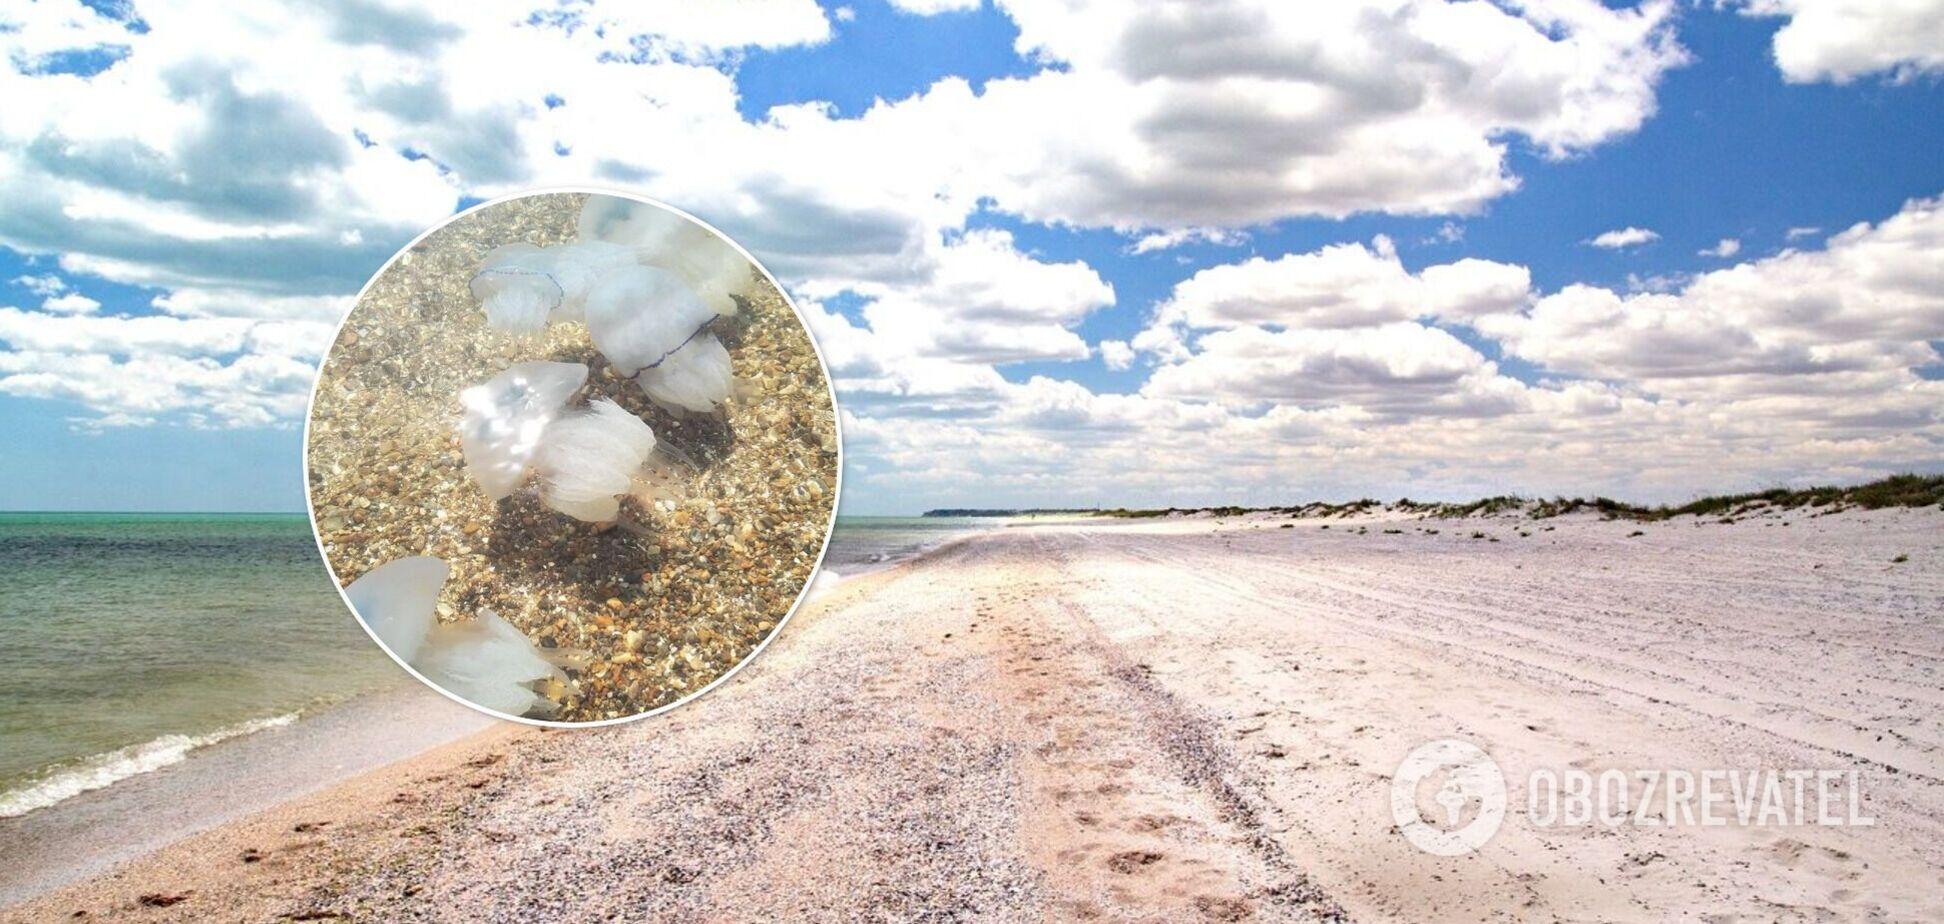 Невозможно зайти в море: туристы жалуются на нашествие медуз в Бердянске. Фото и видео